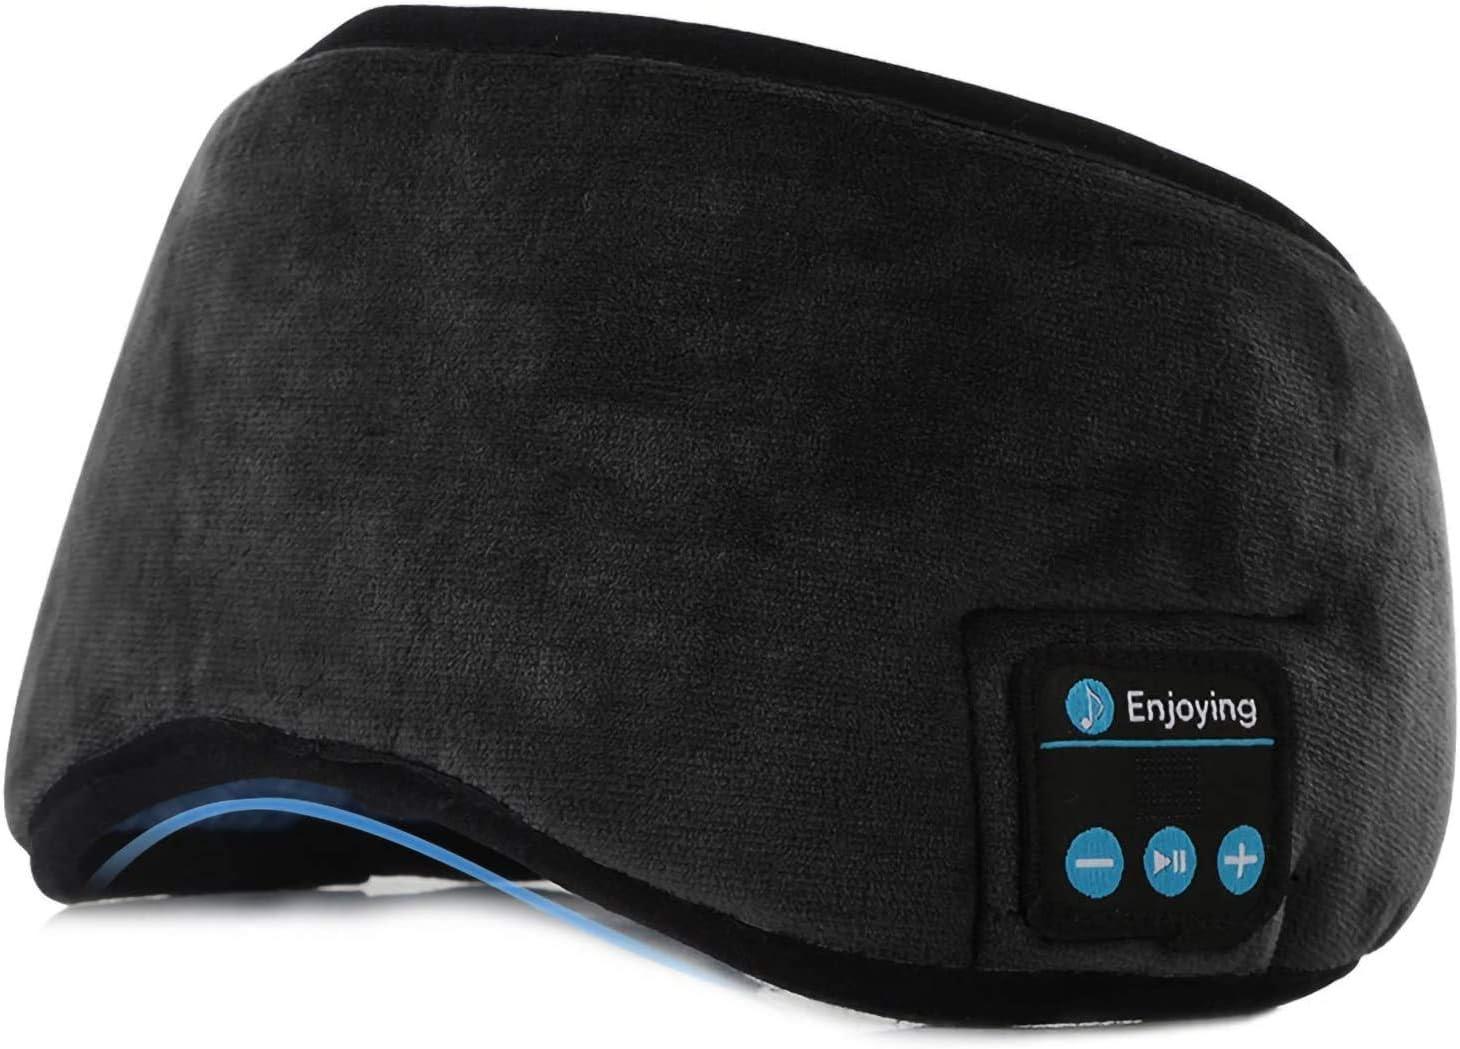 Schlaf 3D-Augenmaske mit ultrad/ünnen HD-Stereolautsprechern waschbares und verstellbares Stirnband f/ür Sport Nickerchen Yoga und Flugreisen Schlafmaske mit Bluetooth 5.0-Kopfh/örern